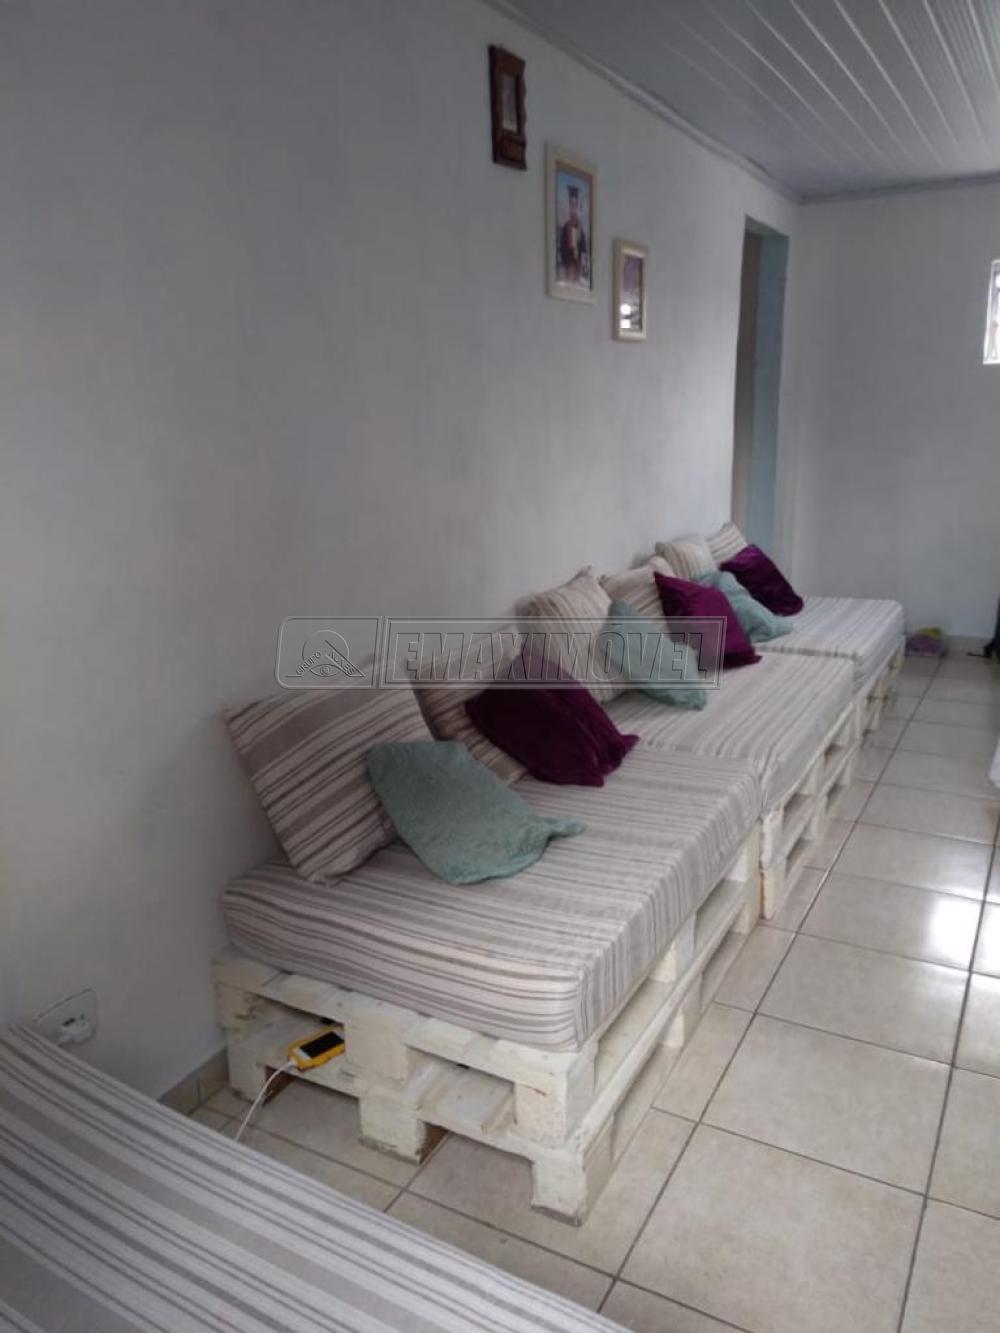 Comprar Terrenos / em Bairros em Sorocaba apenas R$ 400.000,00 - Foto 2